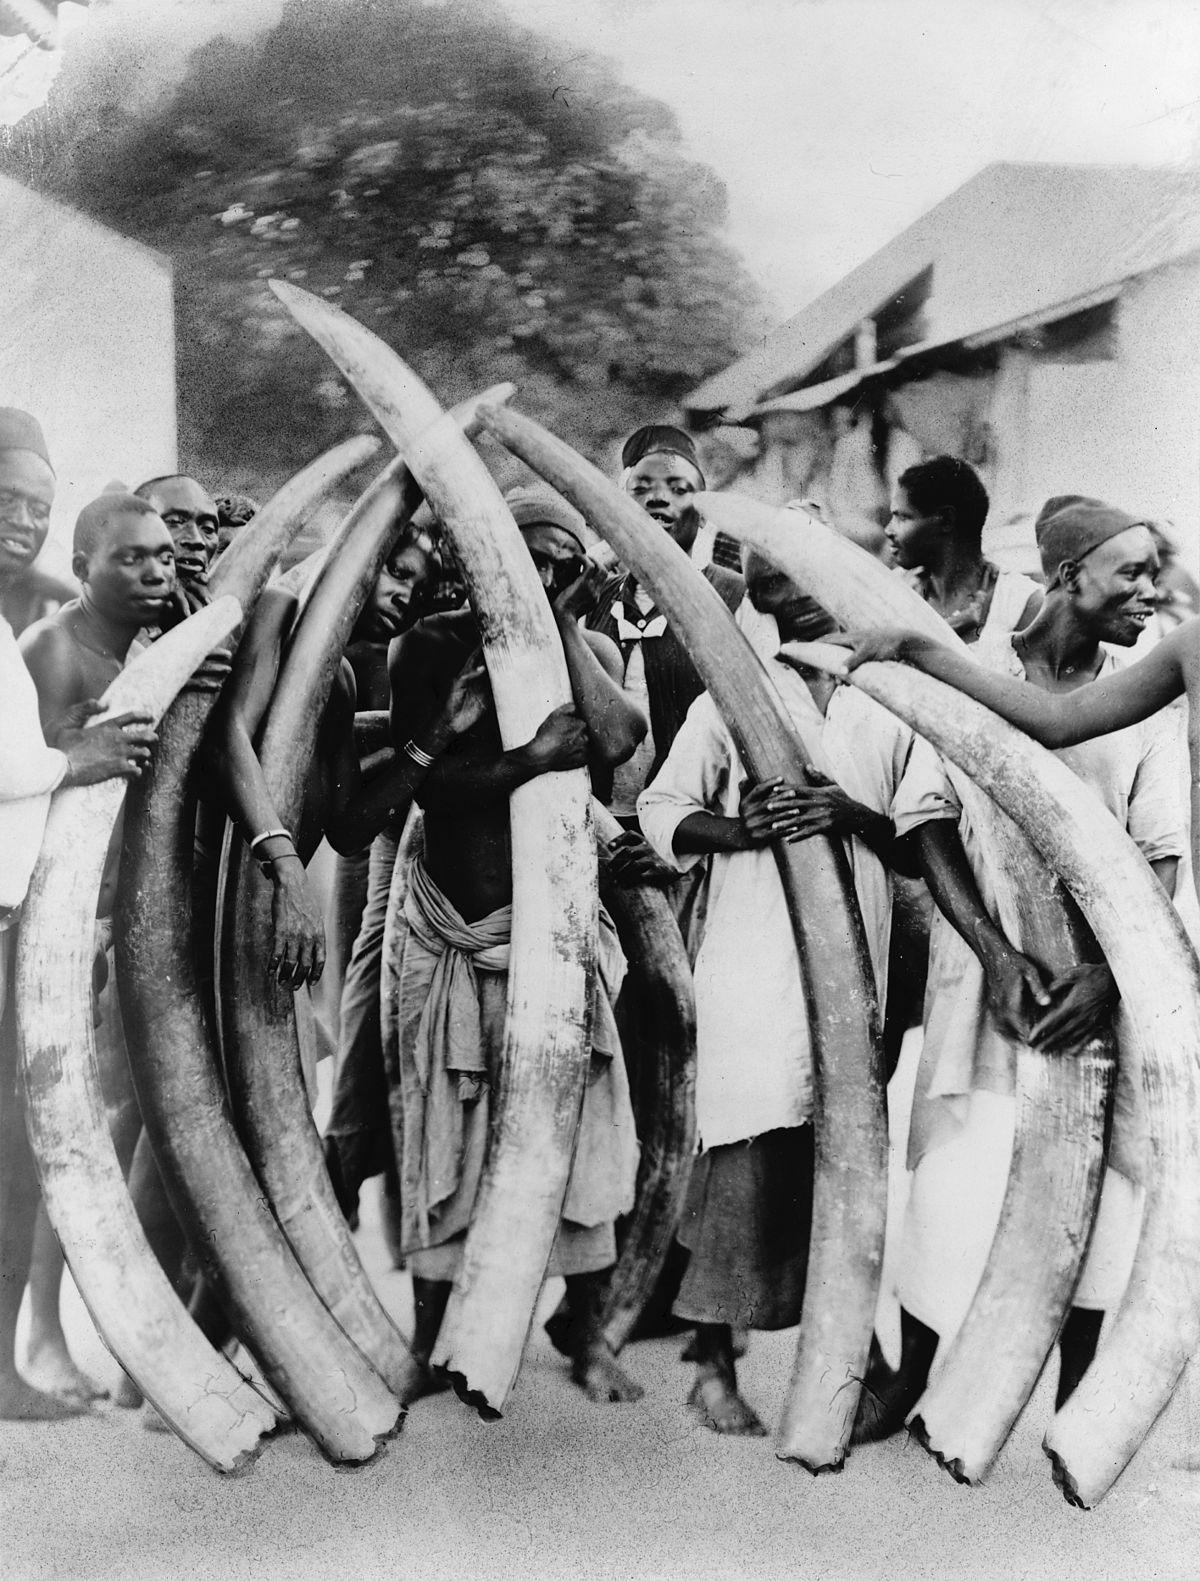 Kość słoniowa – Wikipedia, wolna encyklopedia